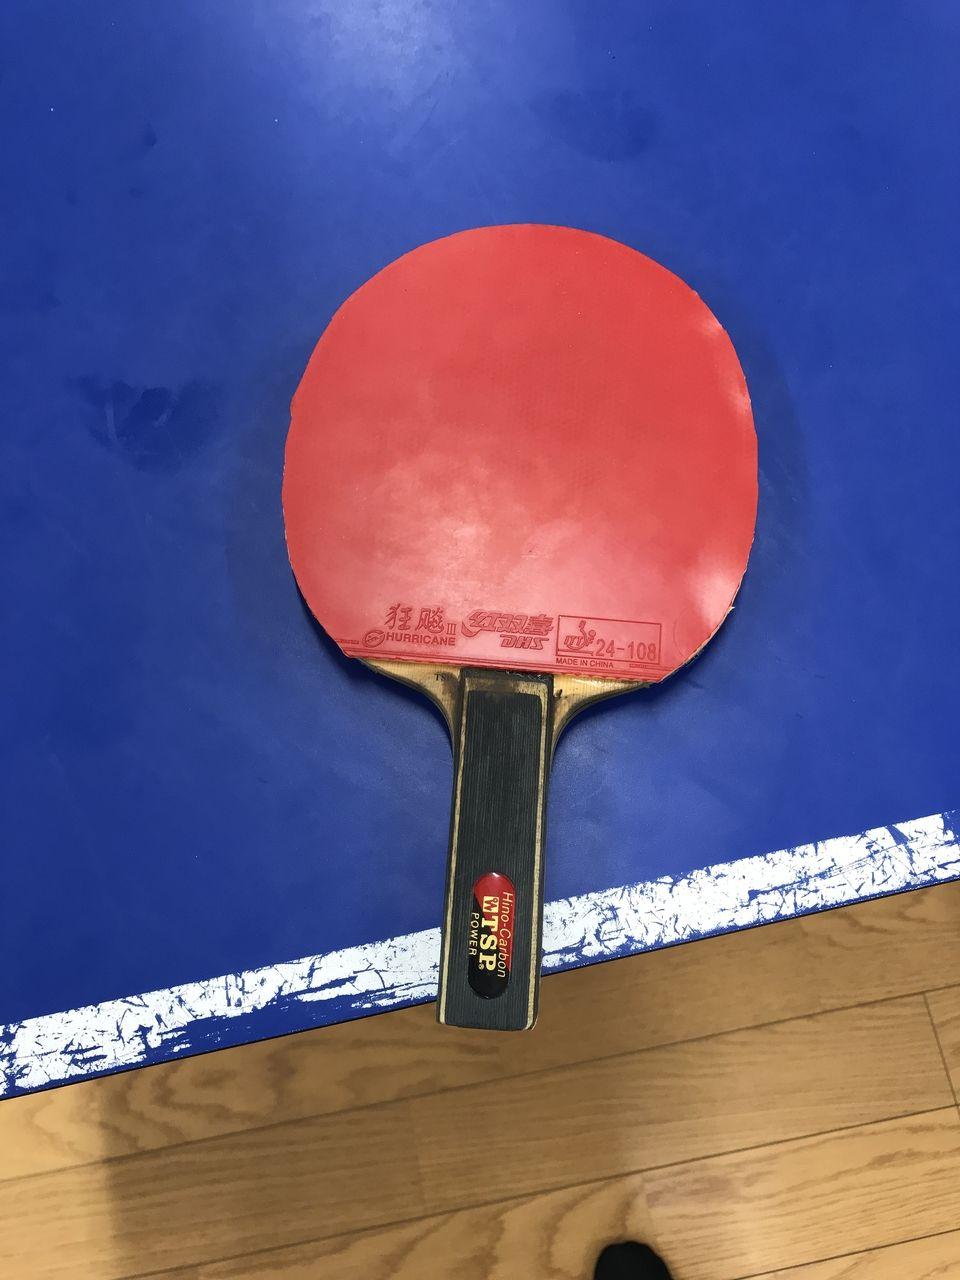 行徳のFSC卓球クラブのラケット